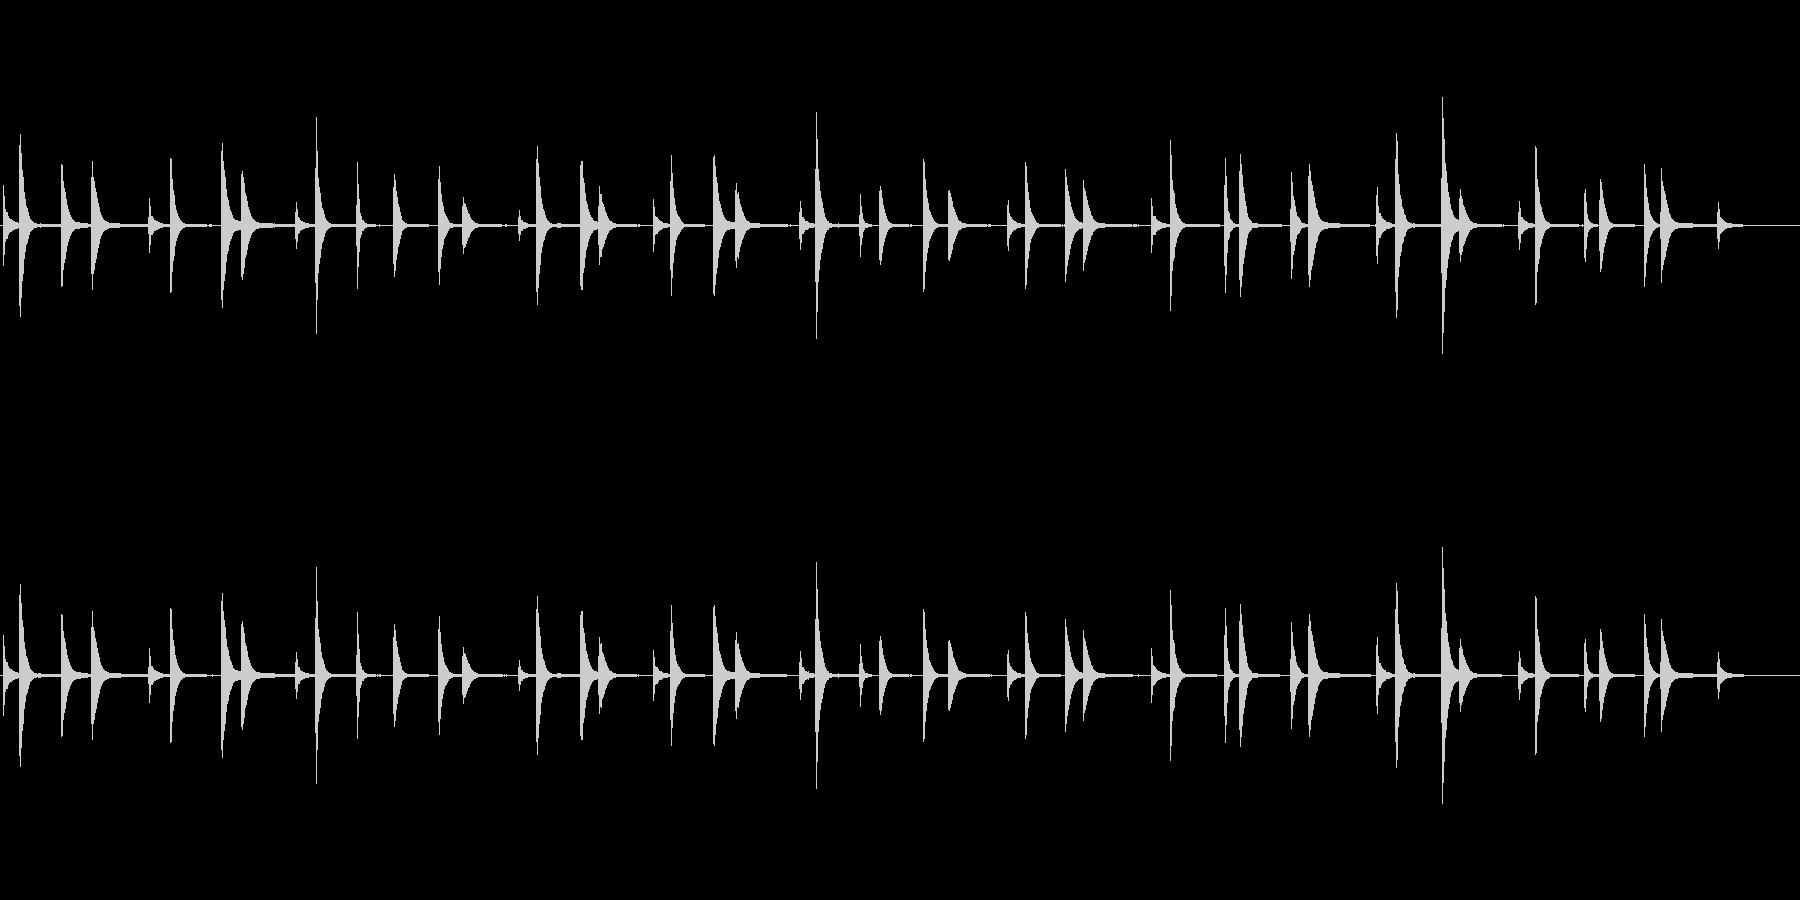 恐怖で不思議なピアノのBGMの未再生の波形